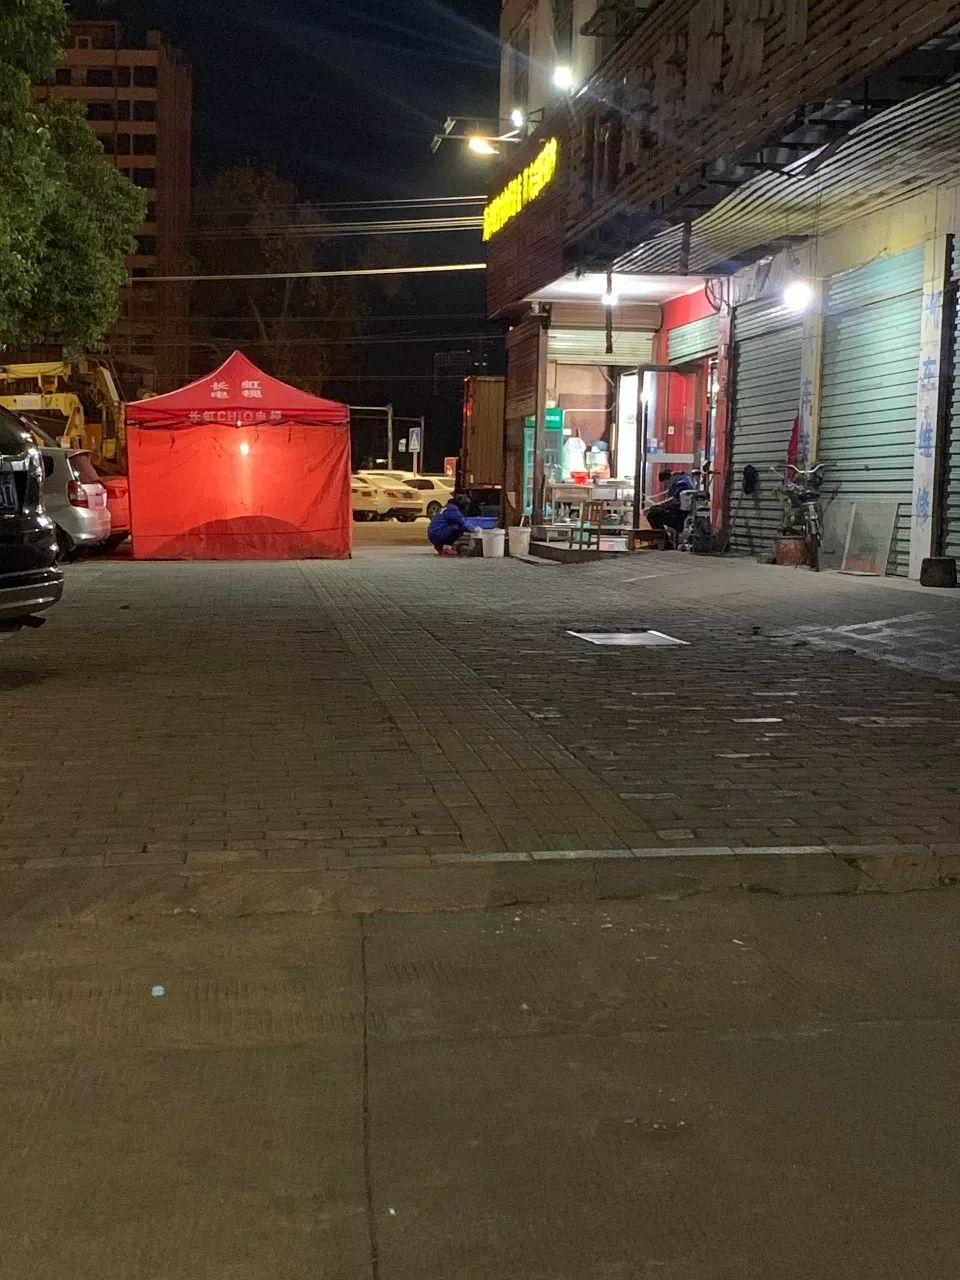 瑞金1夜宵店被投诉,高清大图曝光!